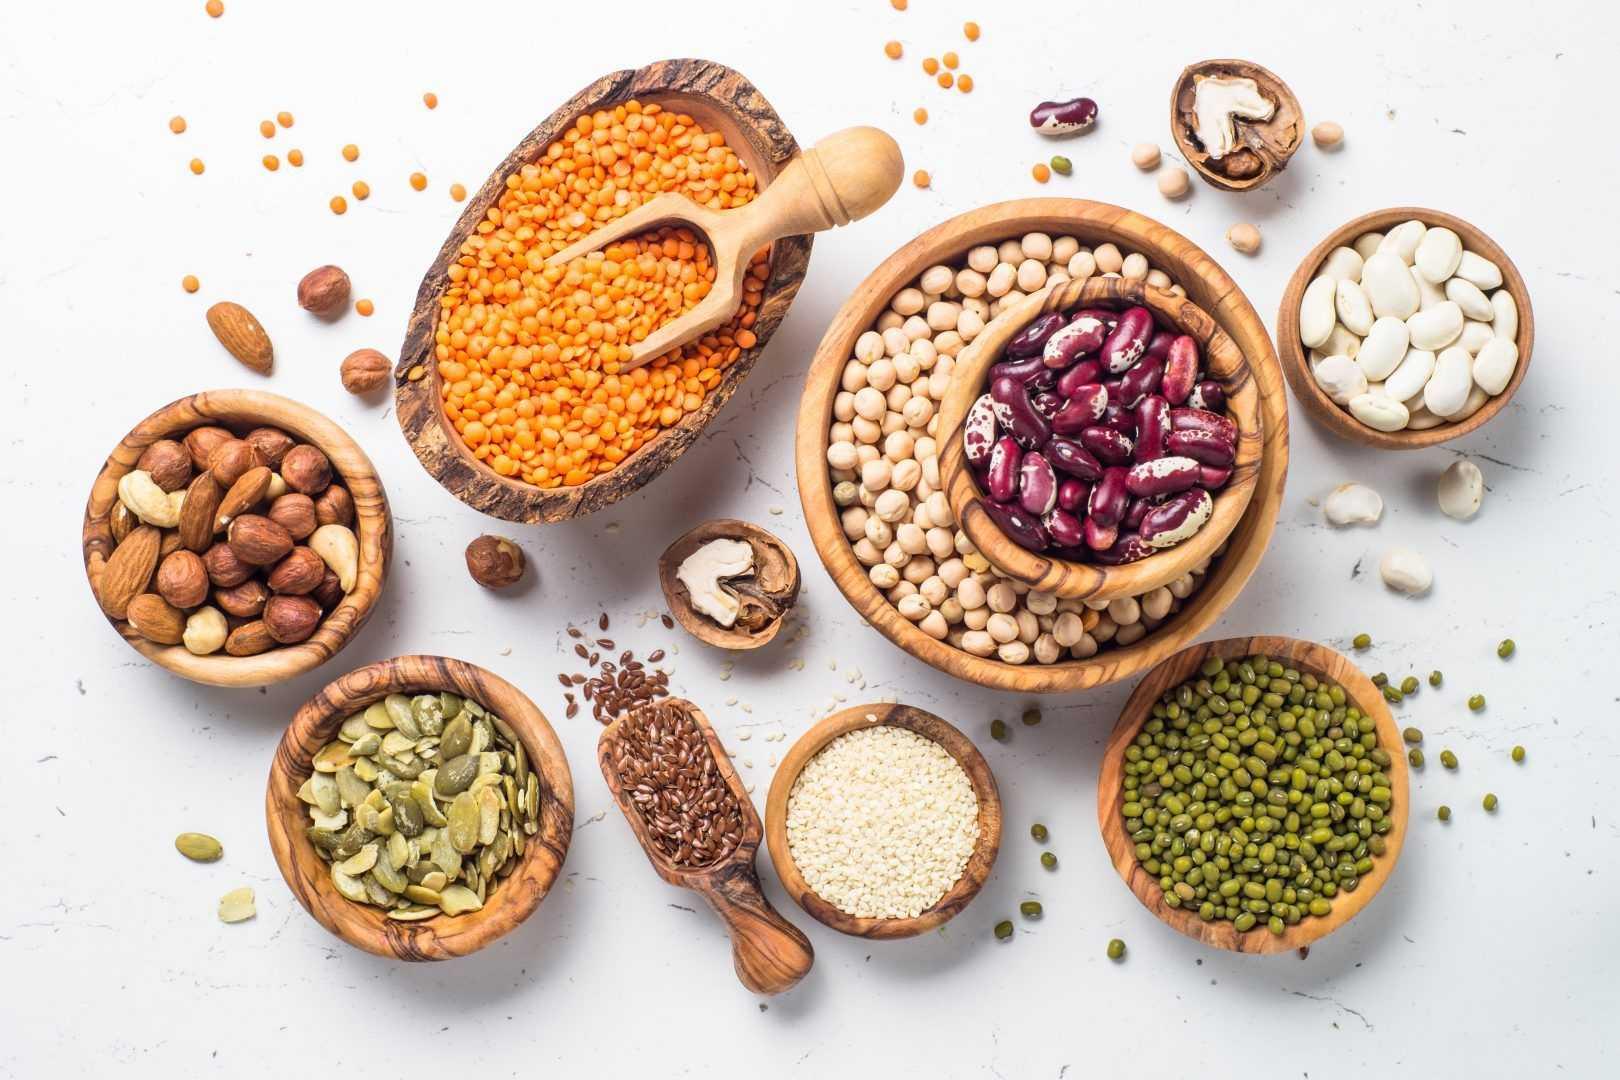 Какие орехи можно есть при похудении: виды и полезные свойства - allslim.ru